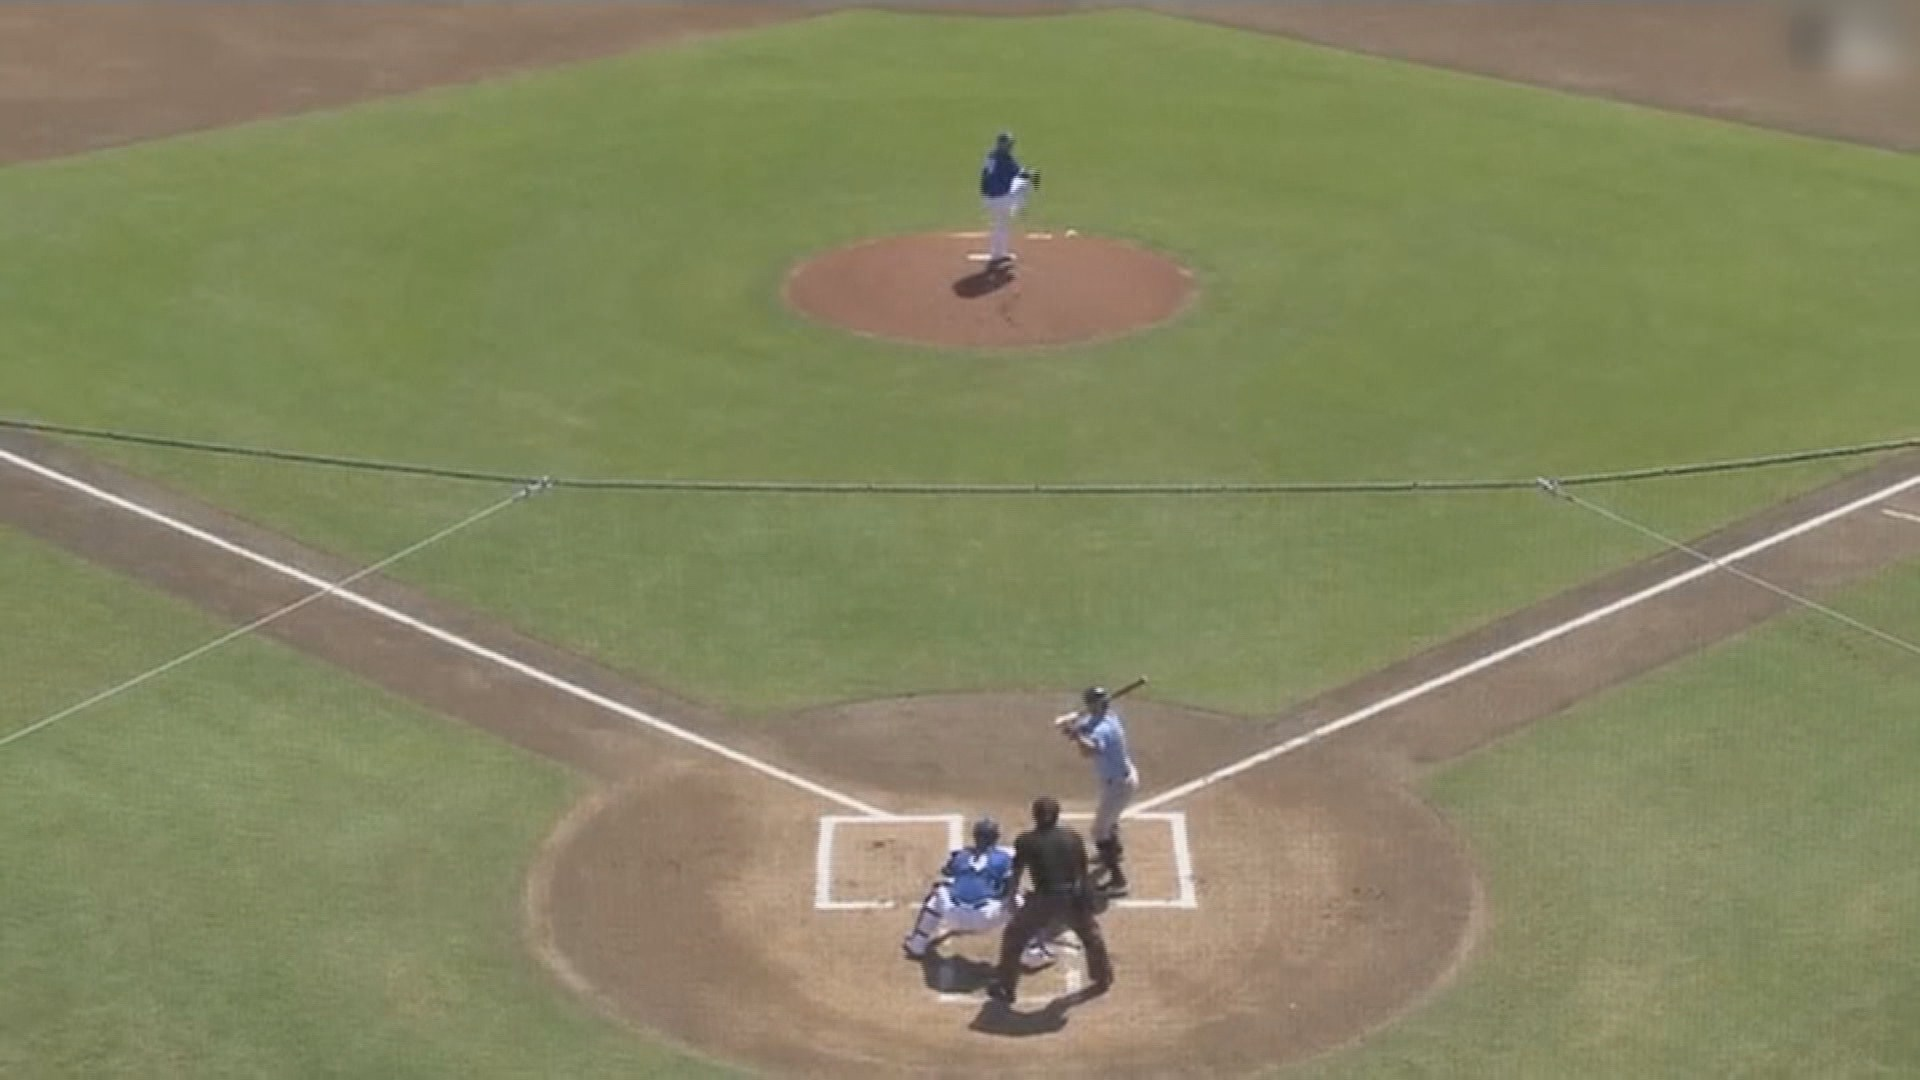 MLB 시범경기 즉각 중단…최소 2주 개막 연기